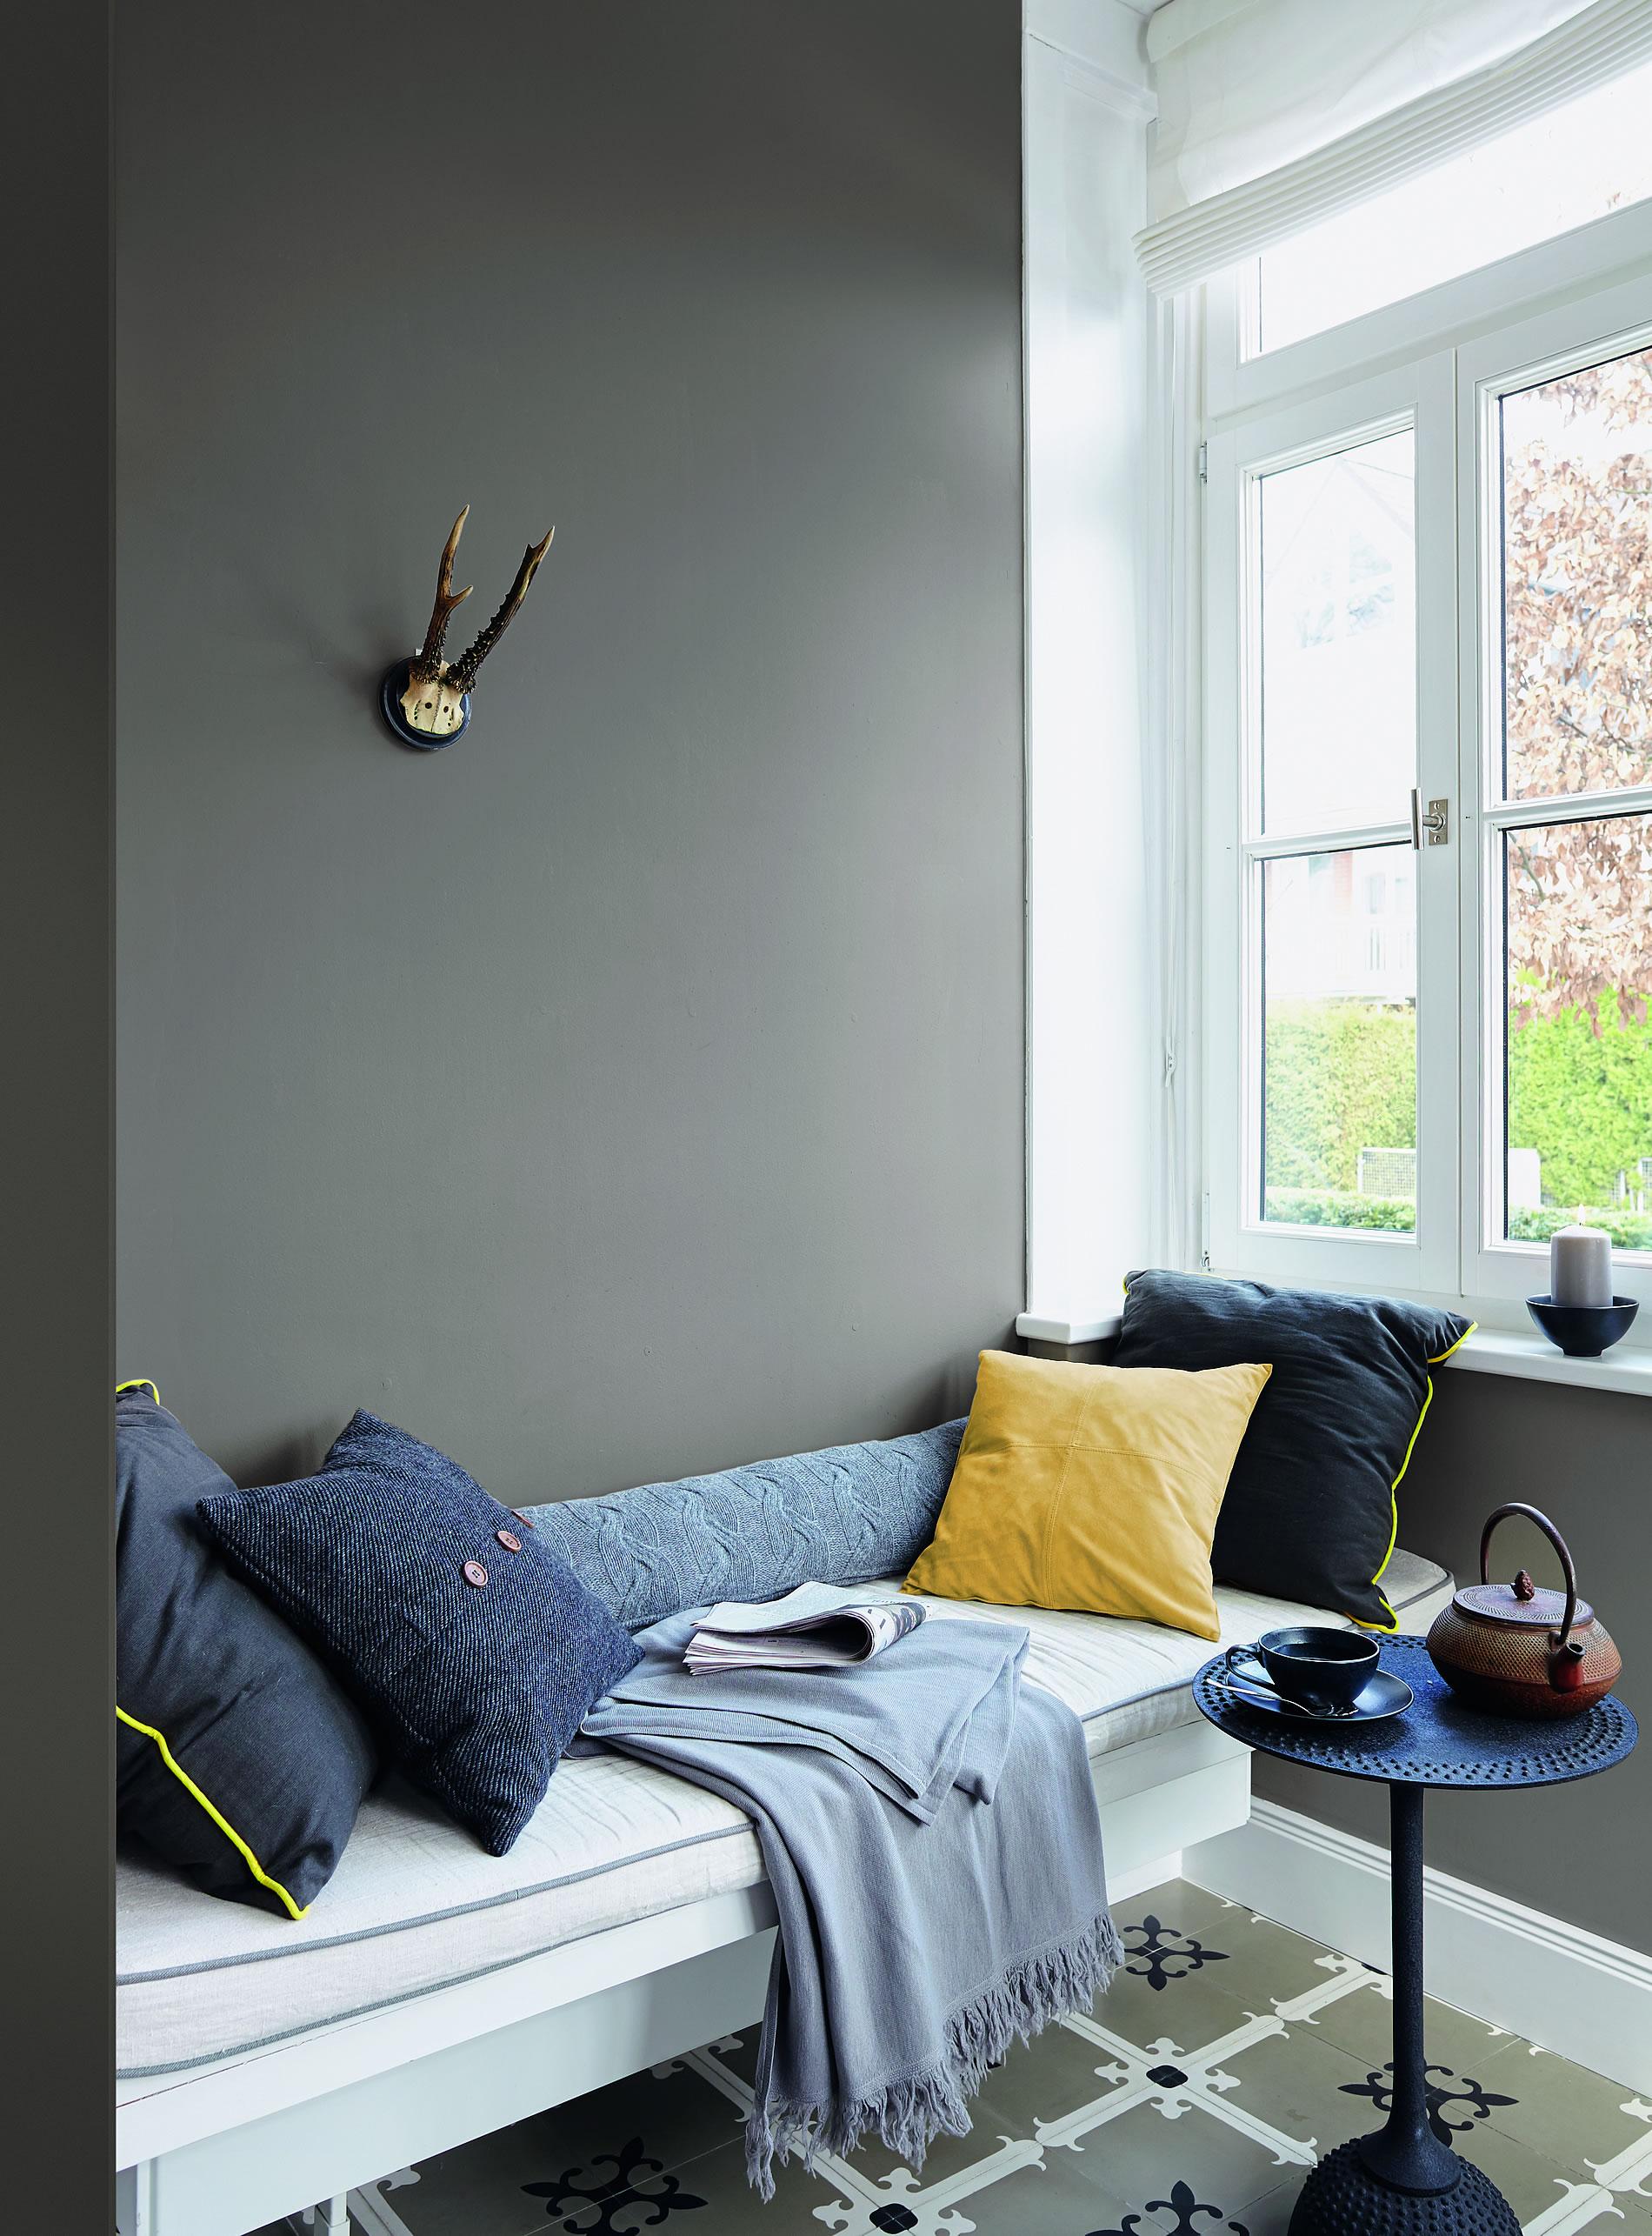 Helle Räume Sind Typisch Für Den Skandinavischen Stil. In Verbindung Mit  Natürlichen Textilien Und Metallischen